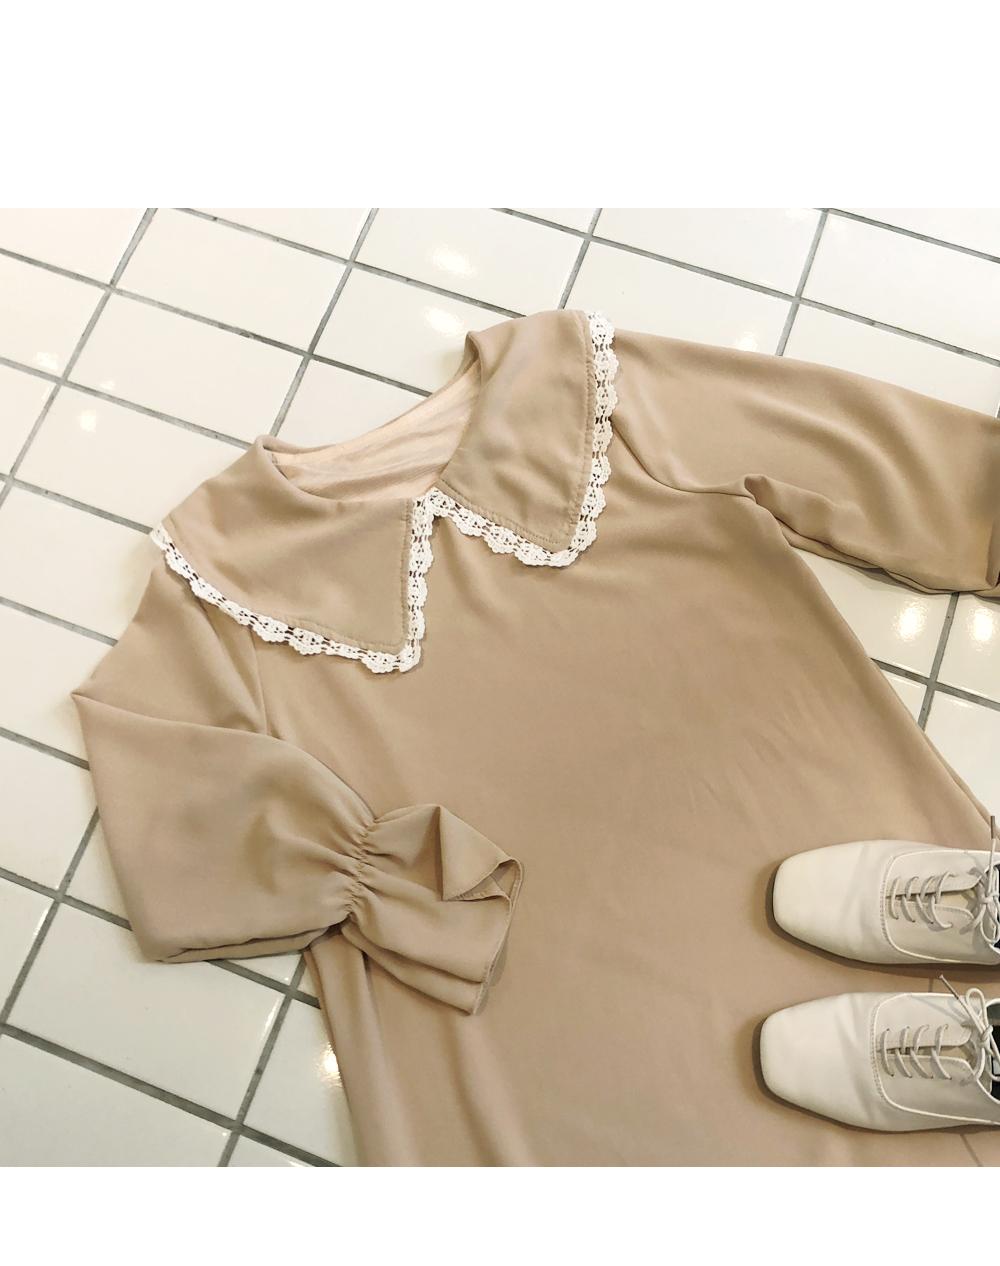 Blingukara dress